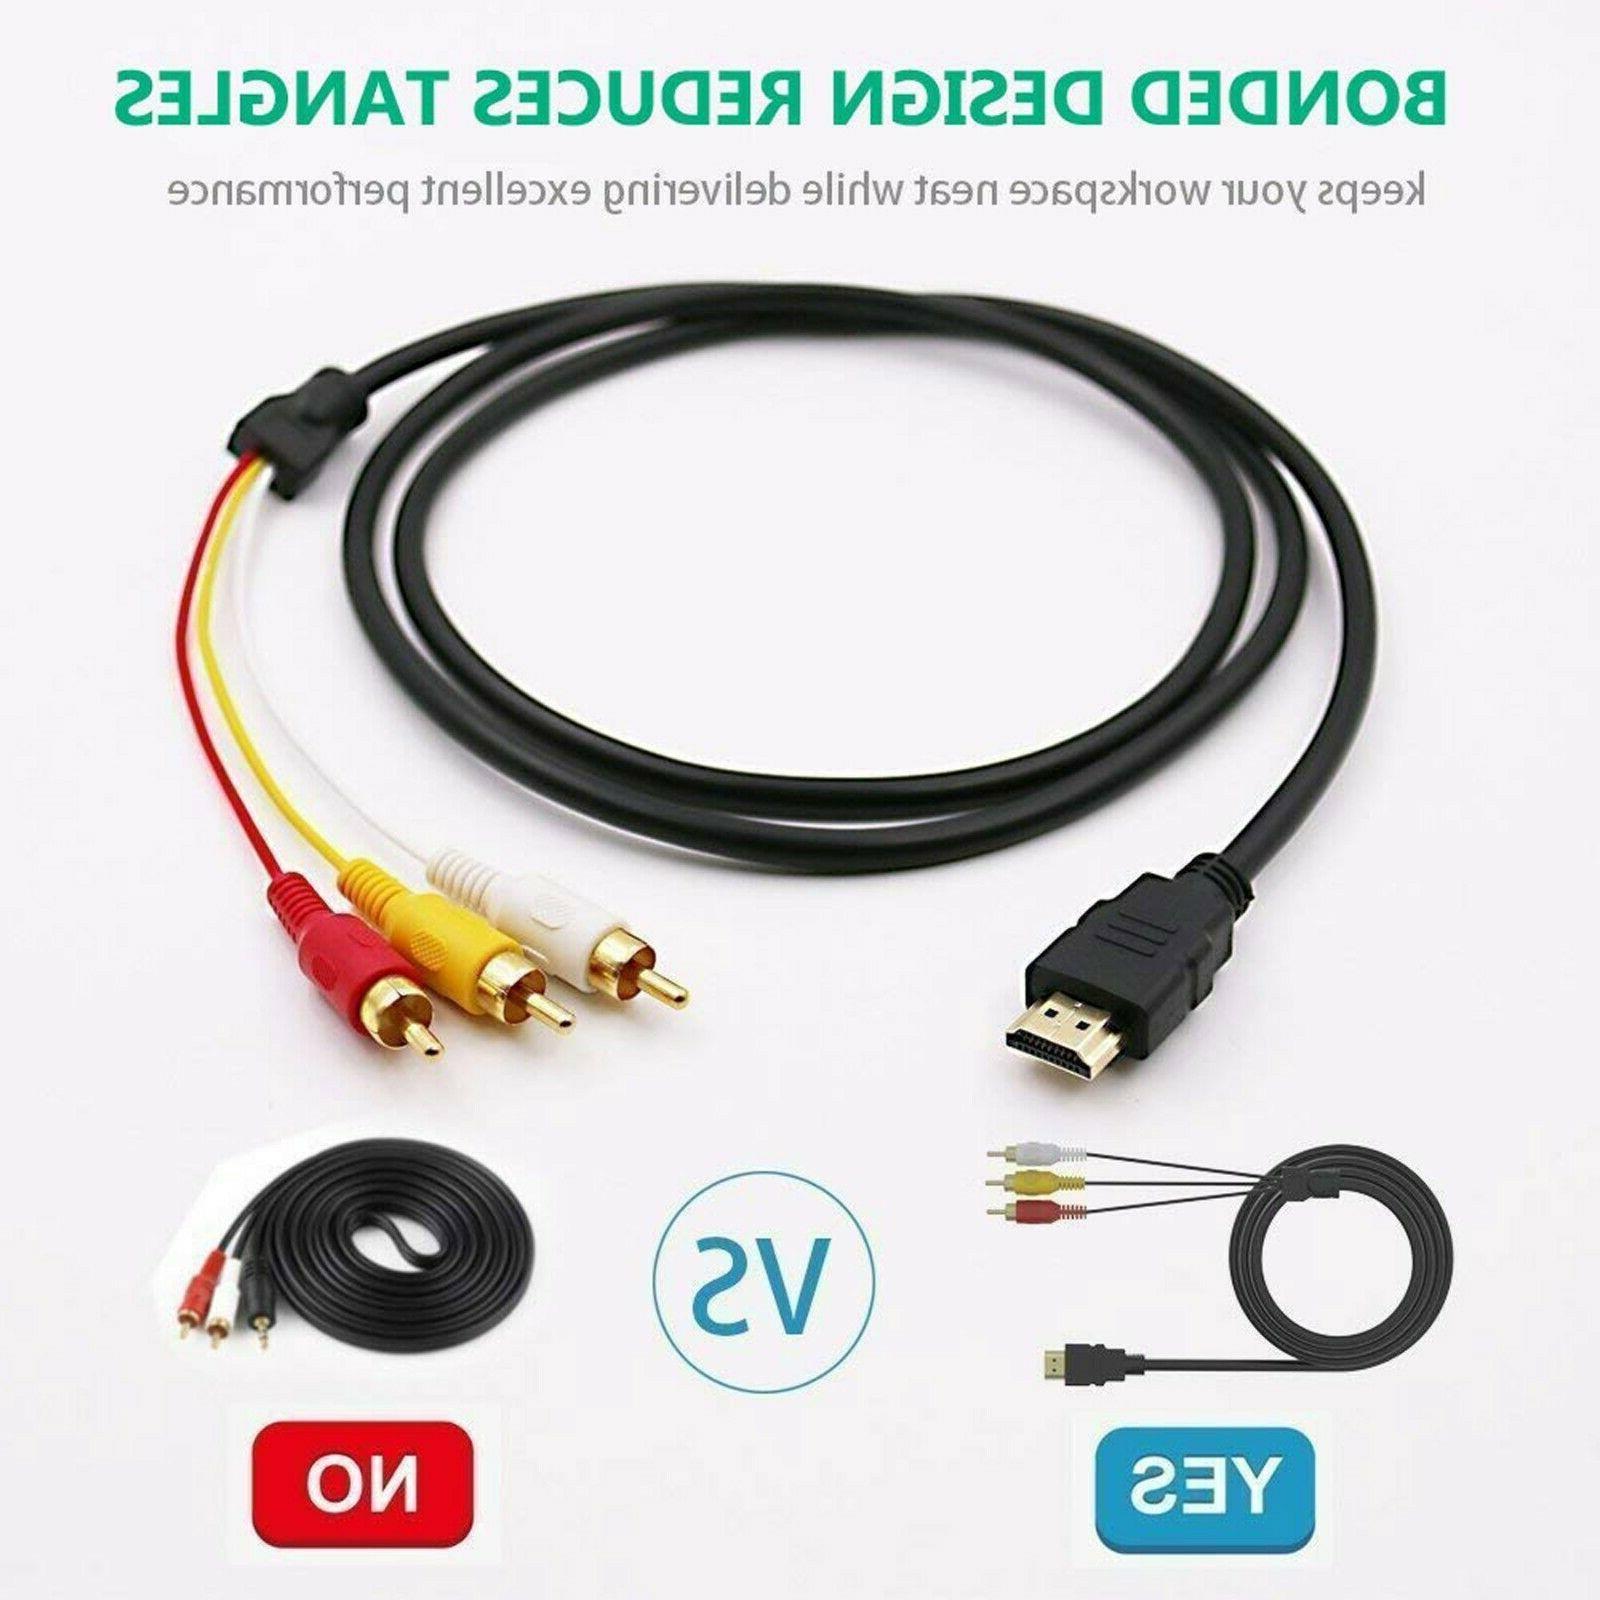 HDMI RCA Audio Component HDTV